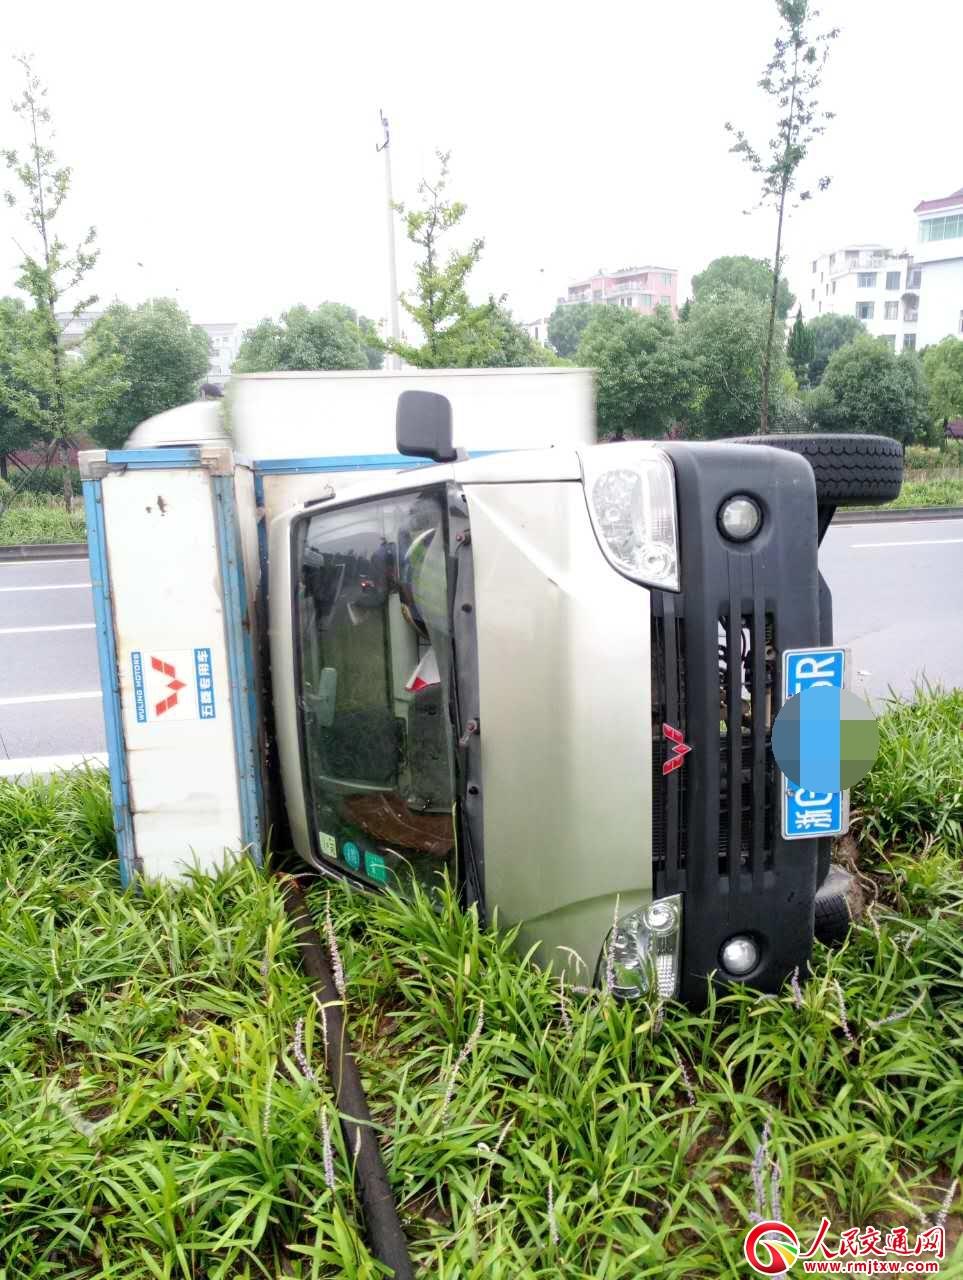 浙江义乌:一辆厢式货车避让时措施不当 汽车翻入绿化带